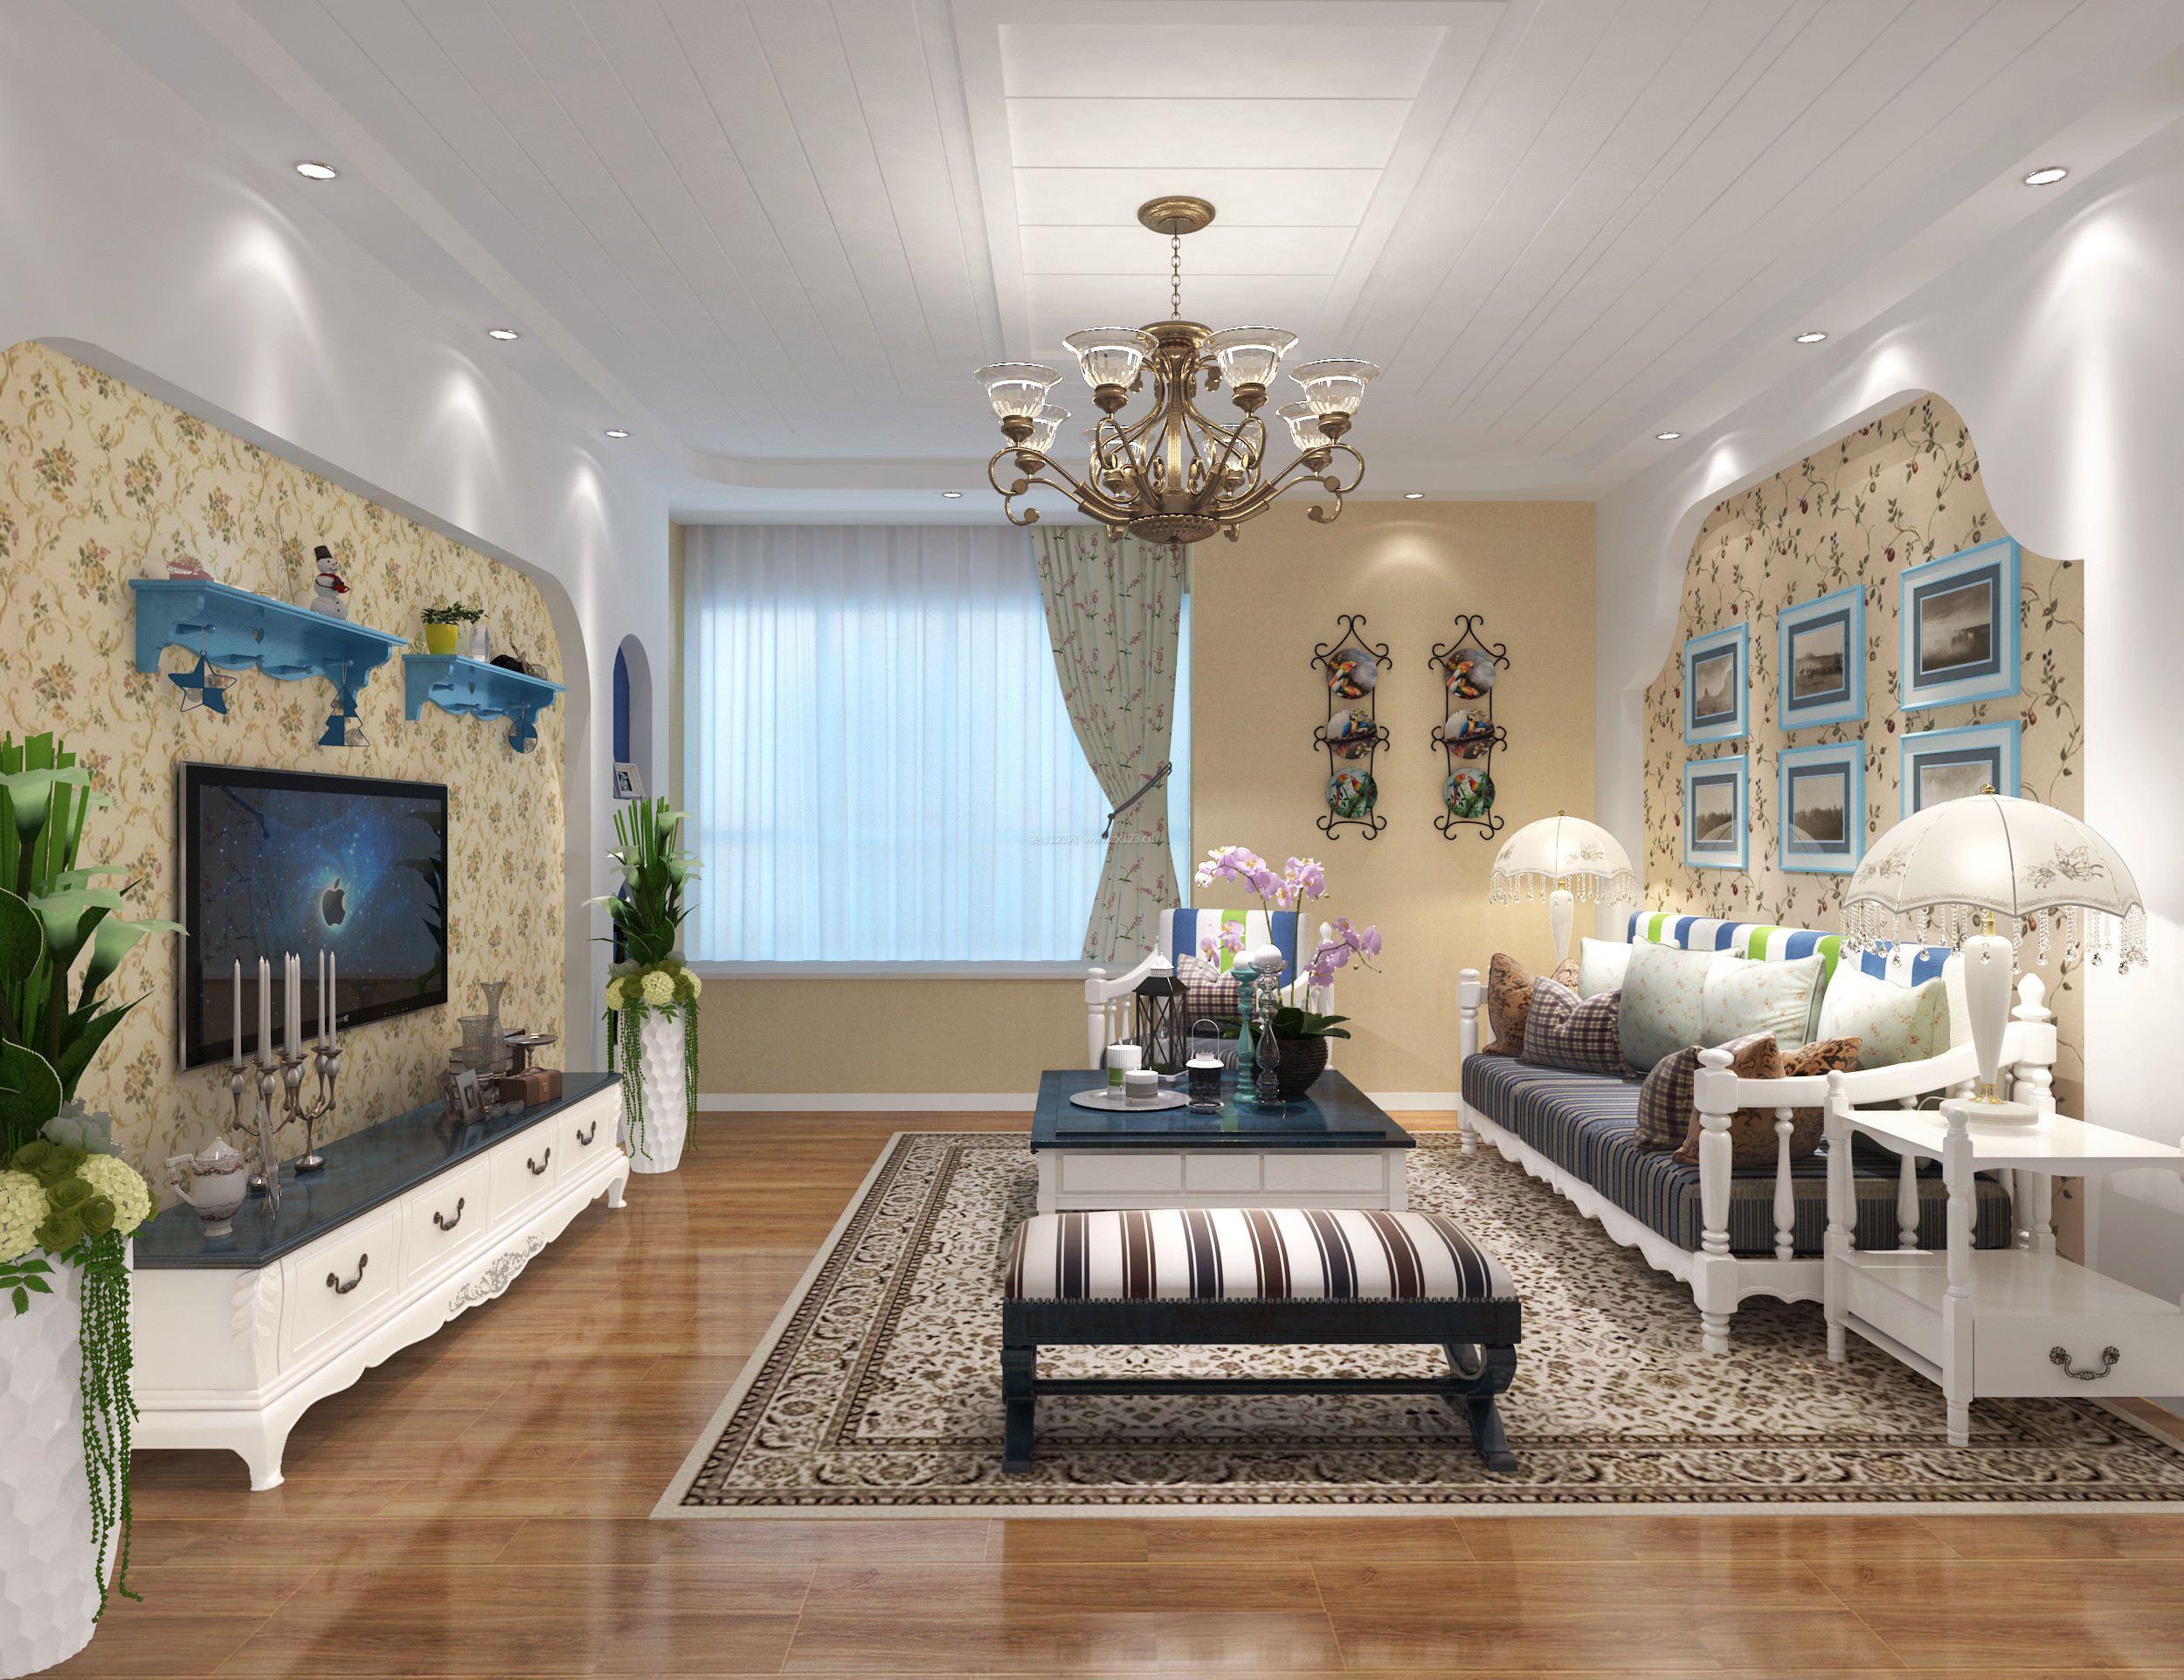 120平米房子地中海风格客厅装修效果图